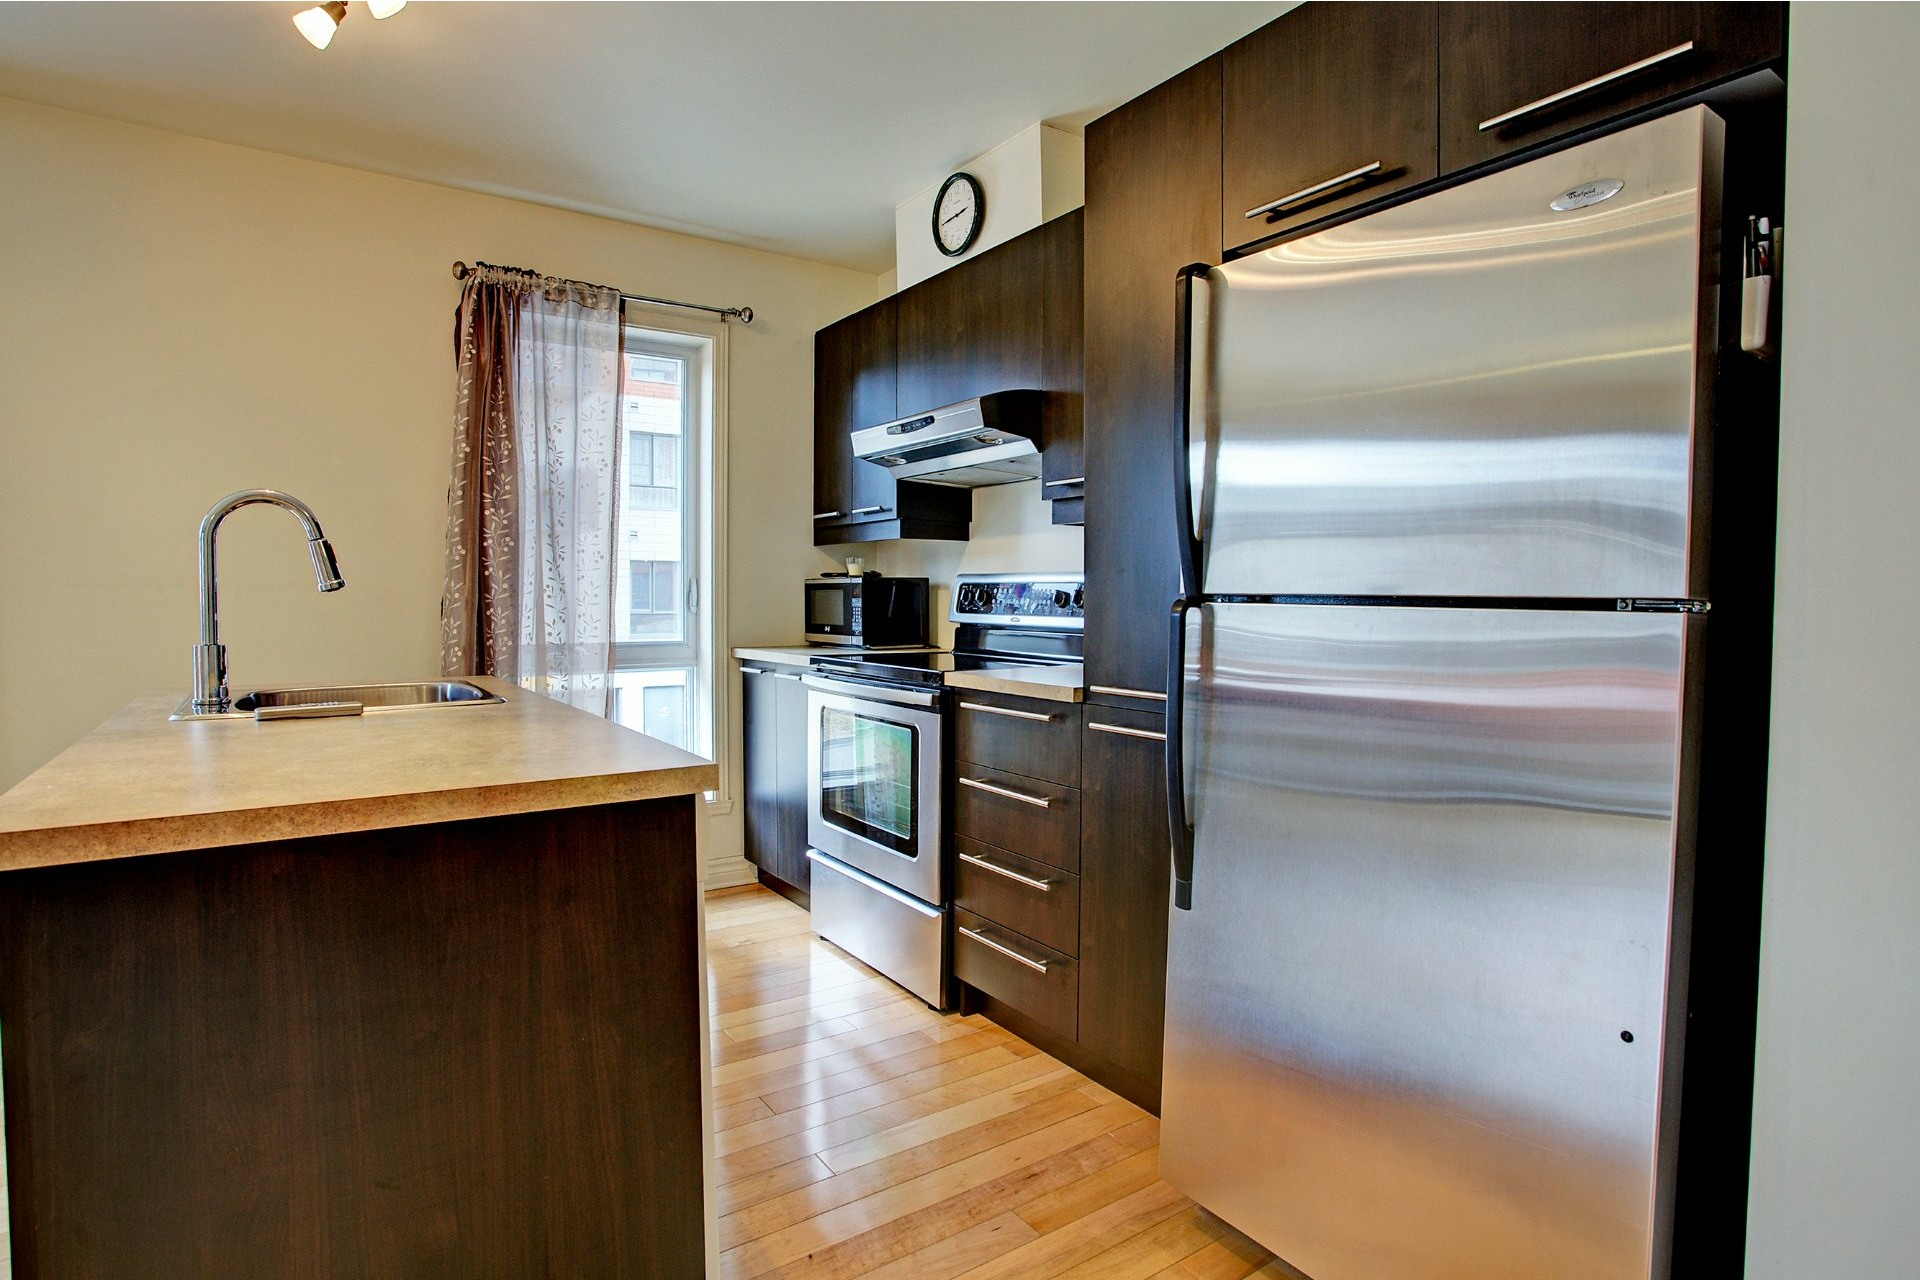 image 6 - Appartement À louer Laval-des-Rapides Laval  - 7 pièces